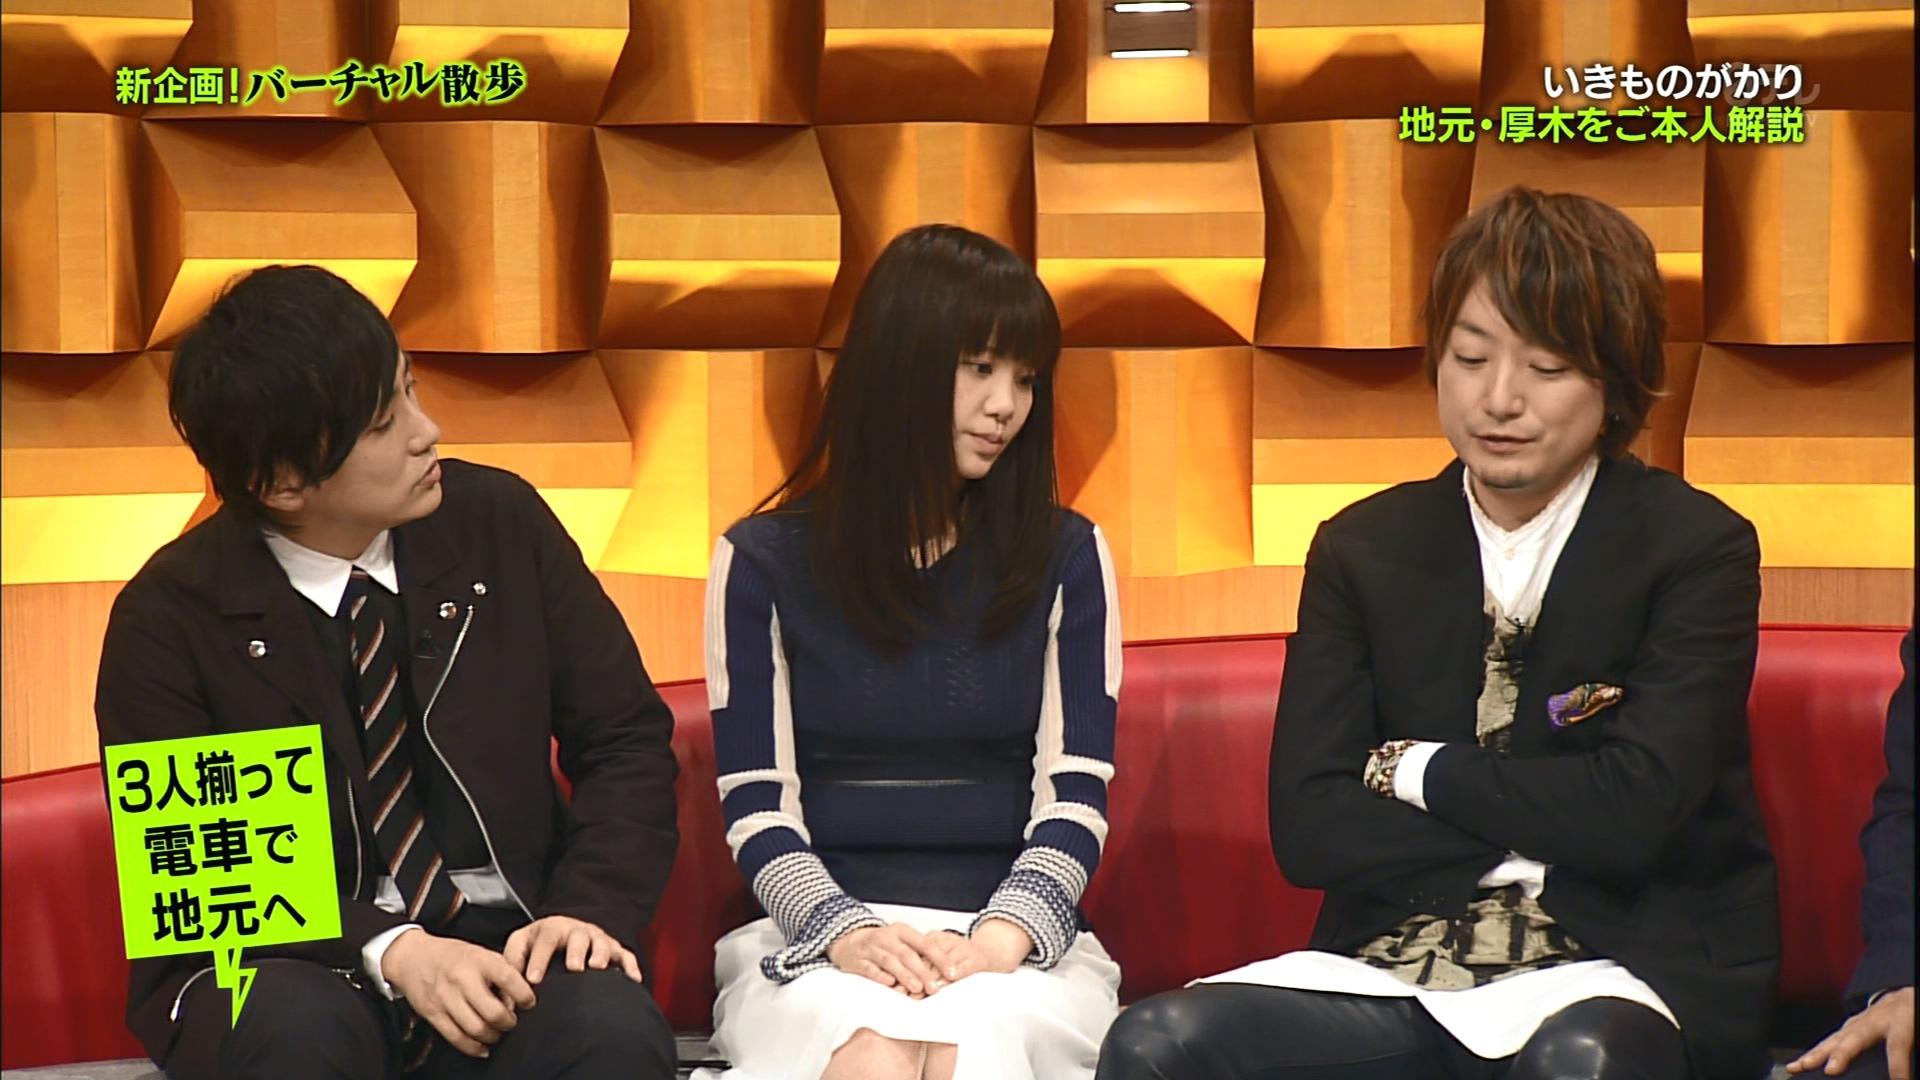 2016.03.11 全場(バズリズム).ts_20160312_025346.556